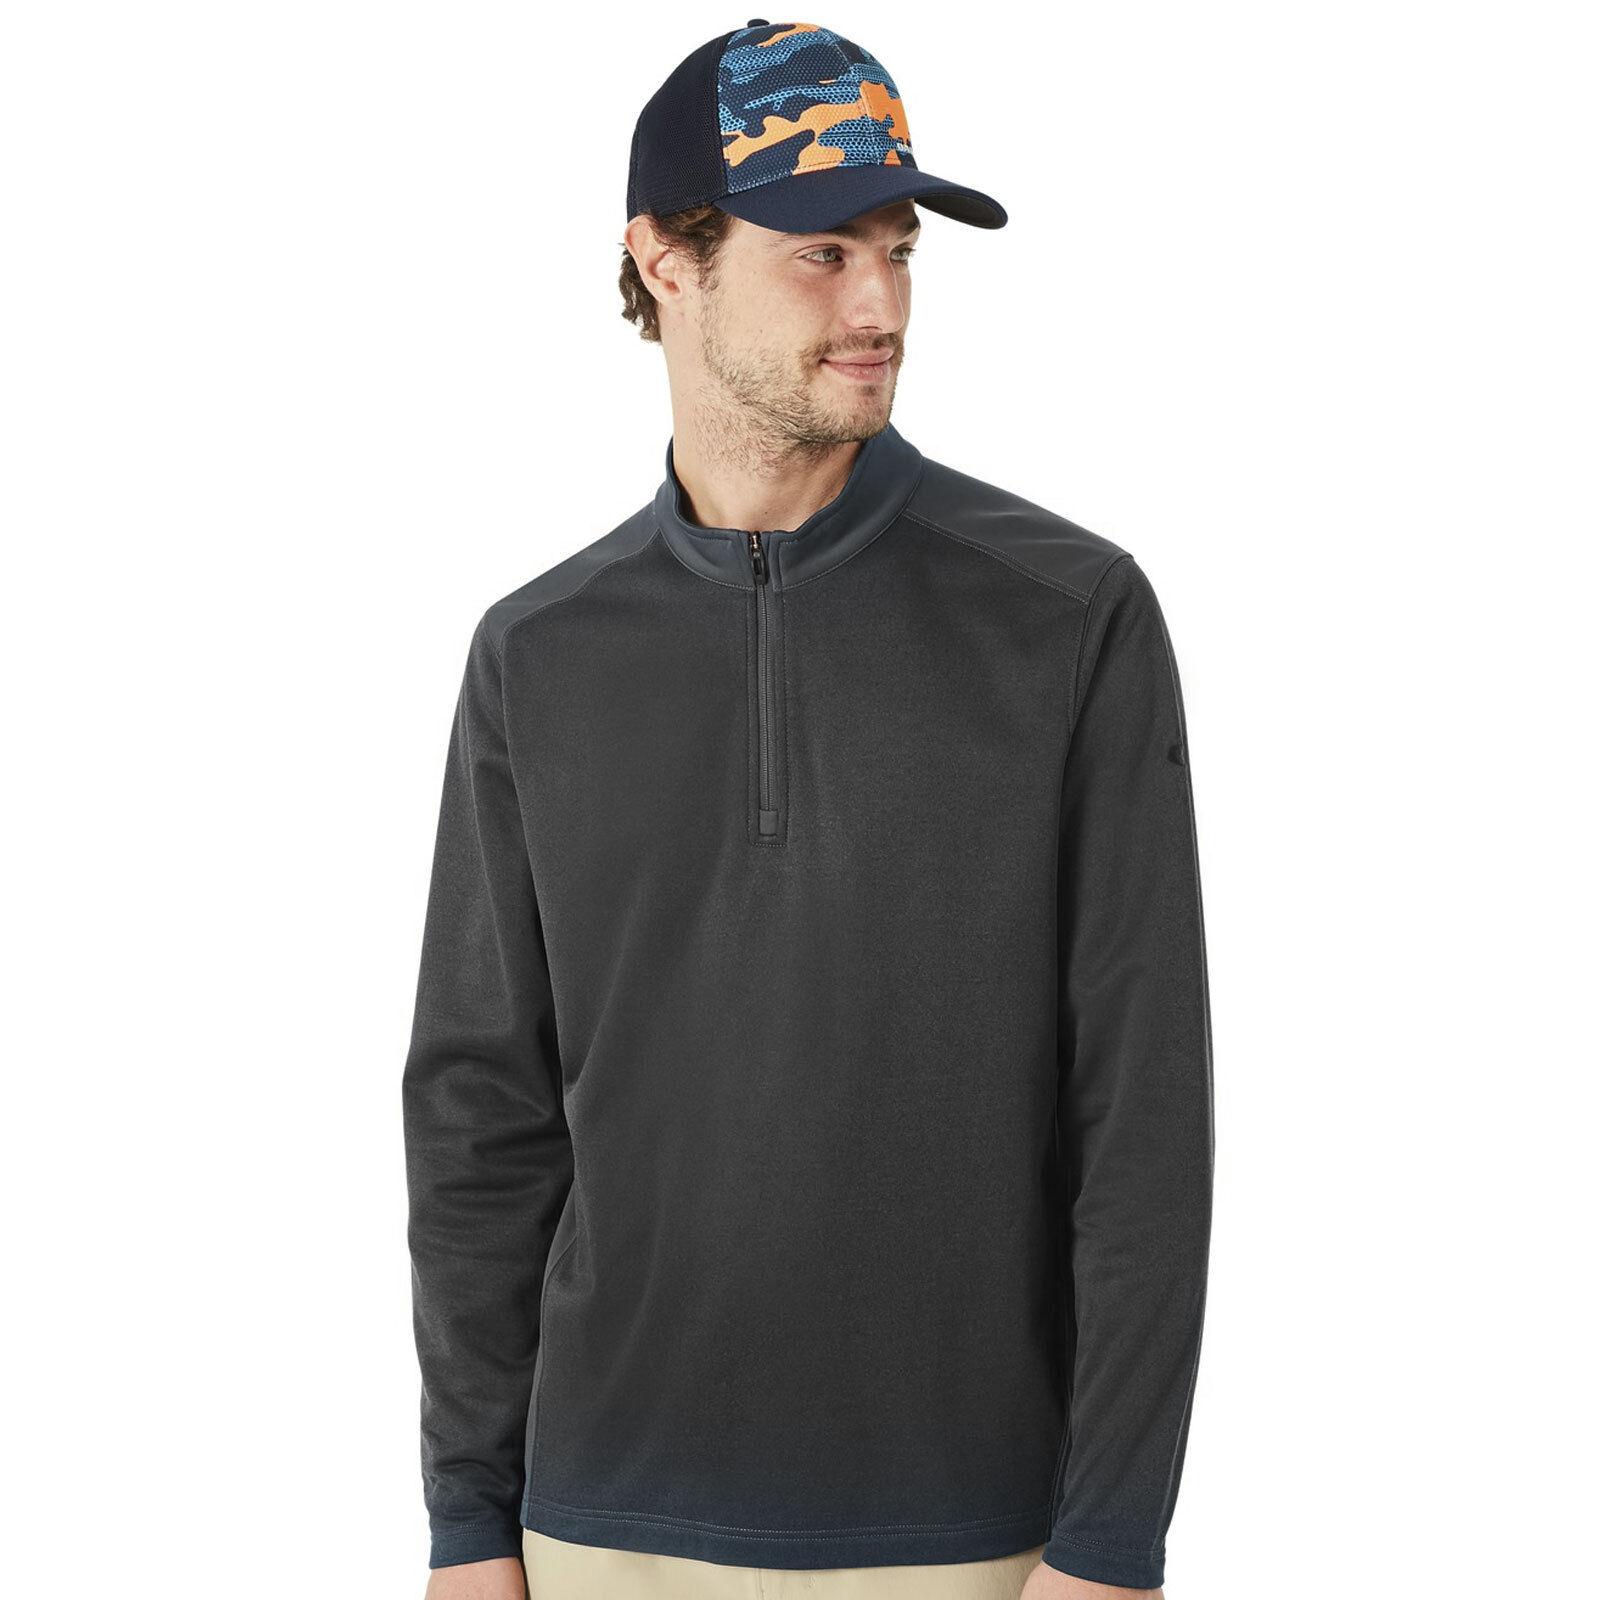 Oaakley Range Jumper Mens Fleece  Ski Sweater Functional Shirt Sweatshirt New  factory outlet